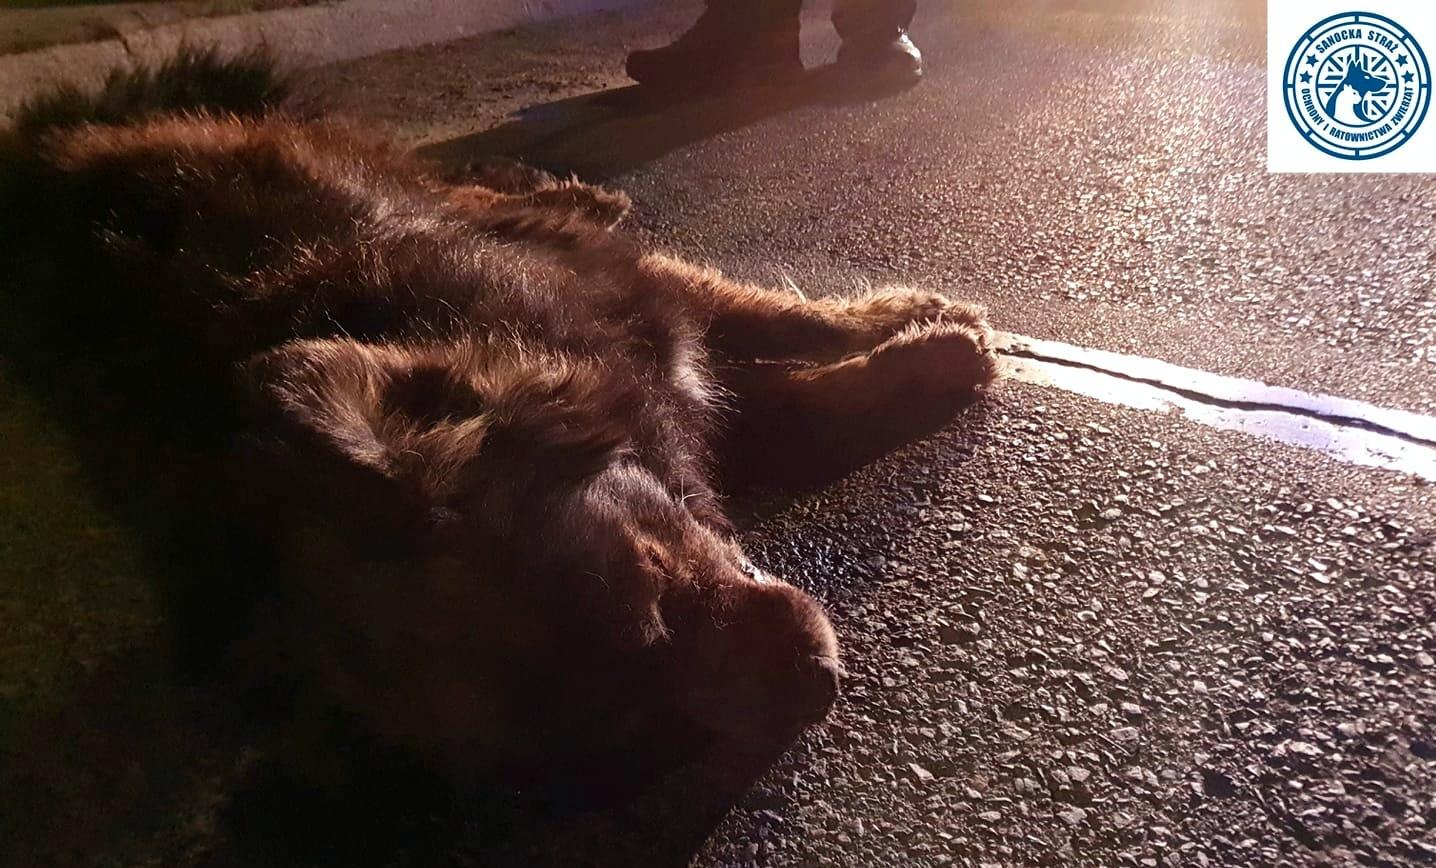 SIENIAWA: Potrącił psa i uciekł z miejsca zdarzenia. Zwierzę konało w męczarniach ponad godzinę! - Zdjęcie główne